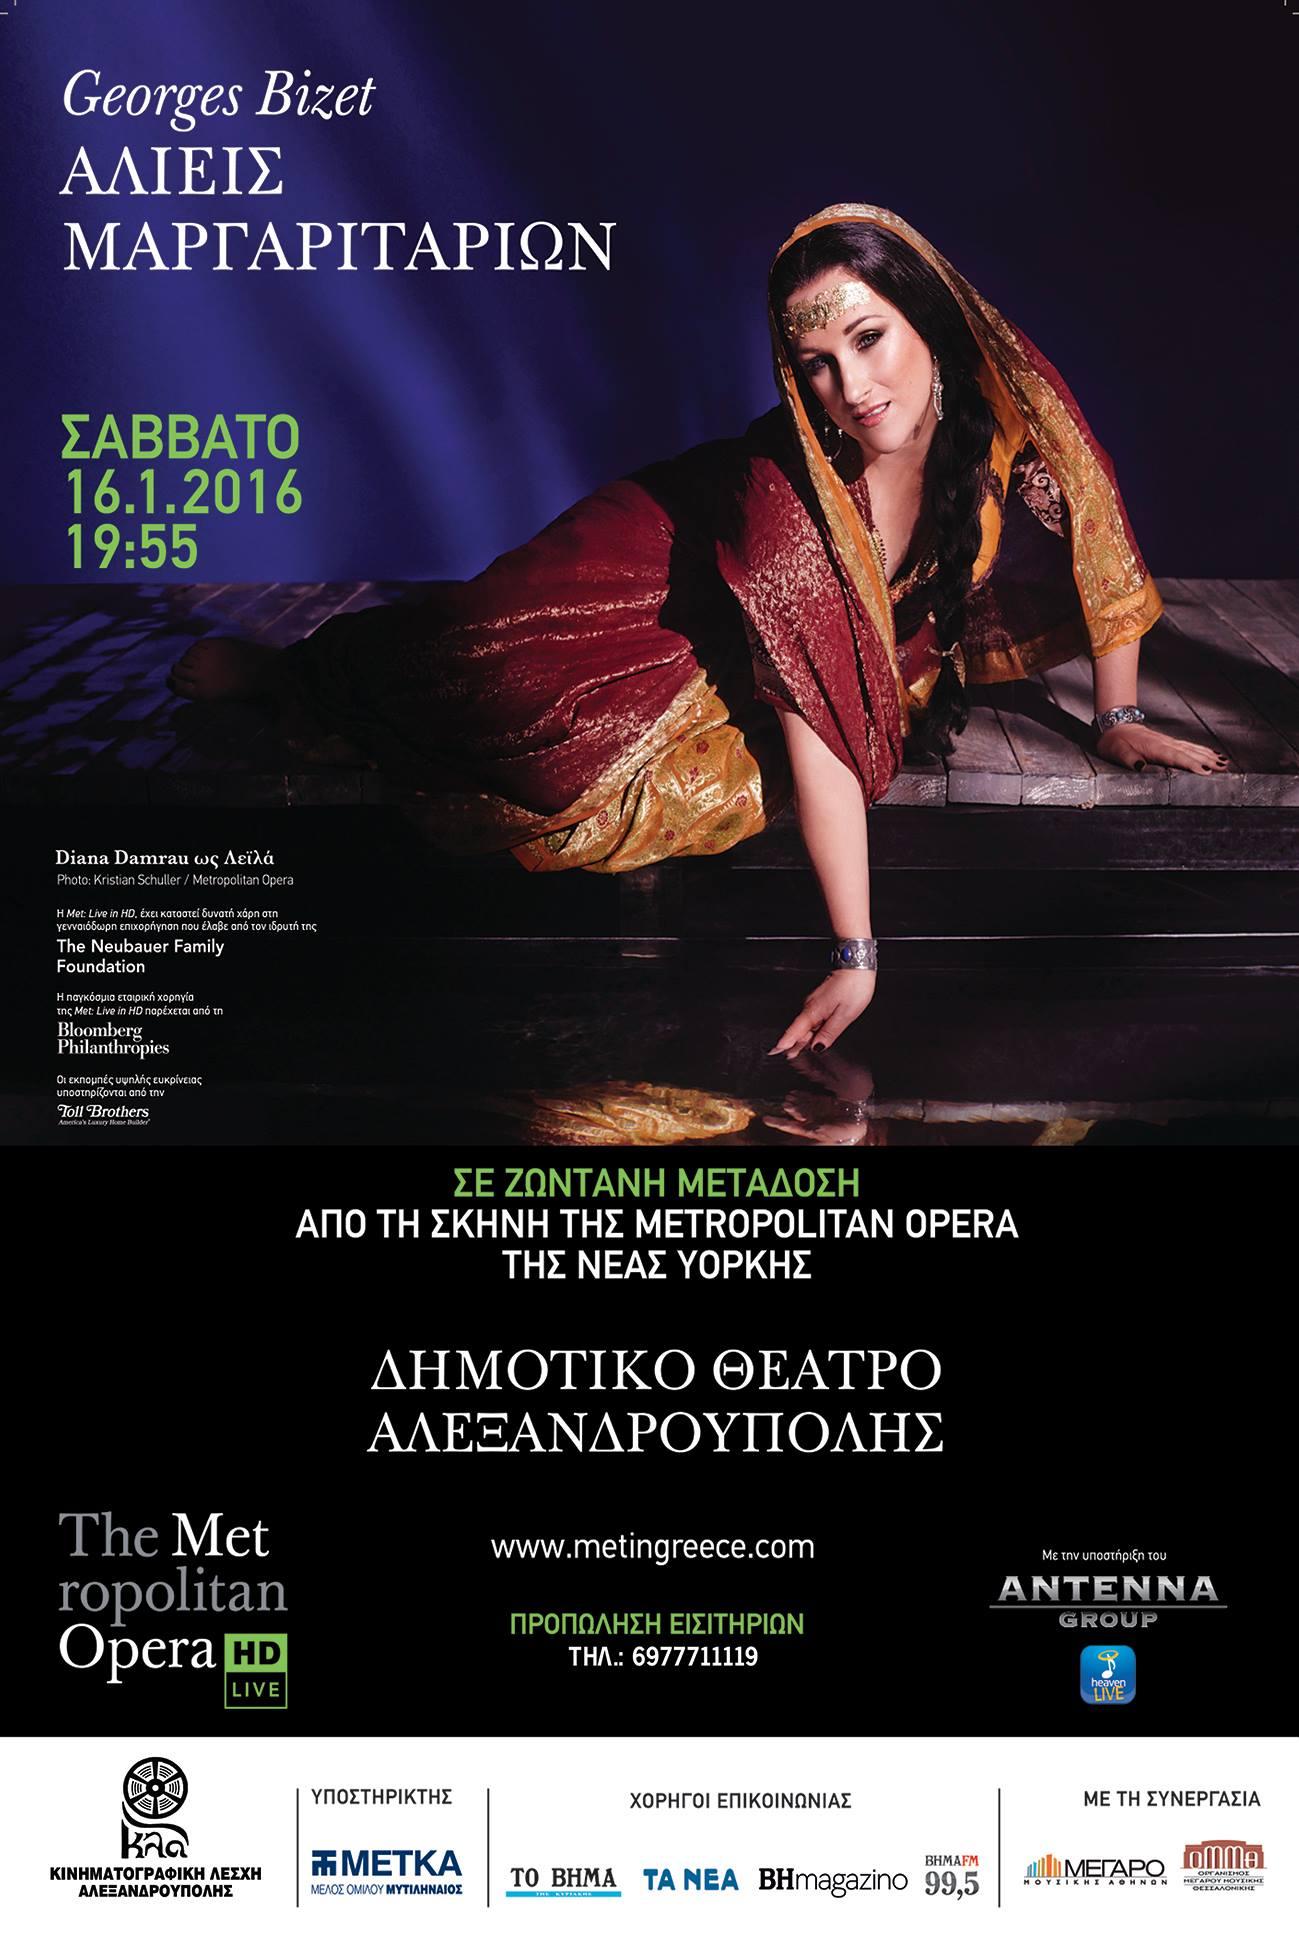 """Οι """"Αλιείς Μαργαριταριών"""" του Georges Bizet της Metropolitan Opera της Νέας Υόρκης στην Αλεξανδρούπολη (16/1/2016)"""